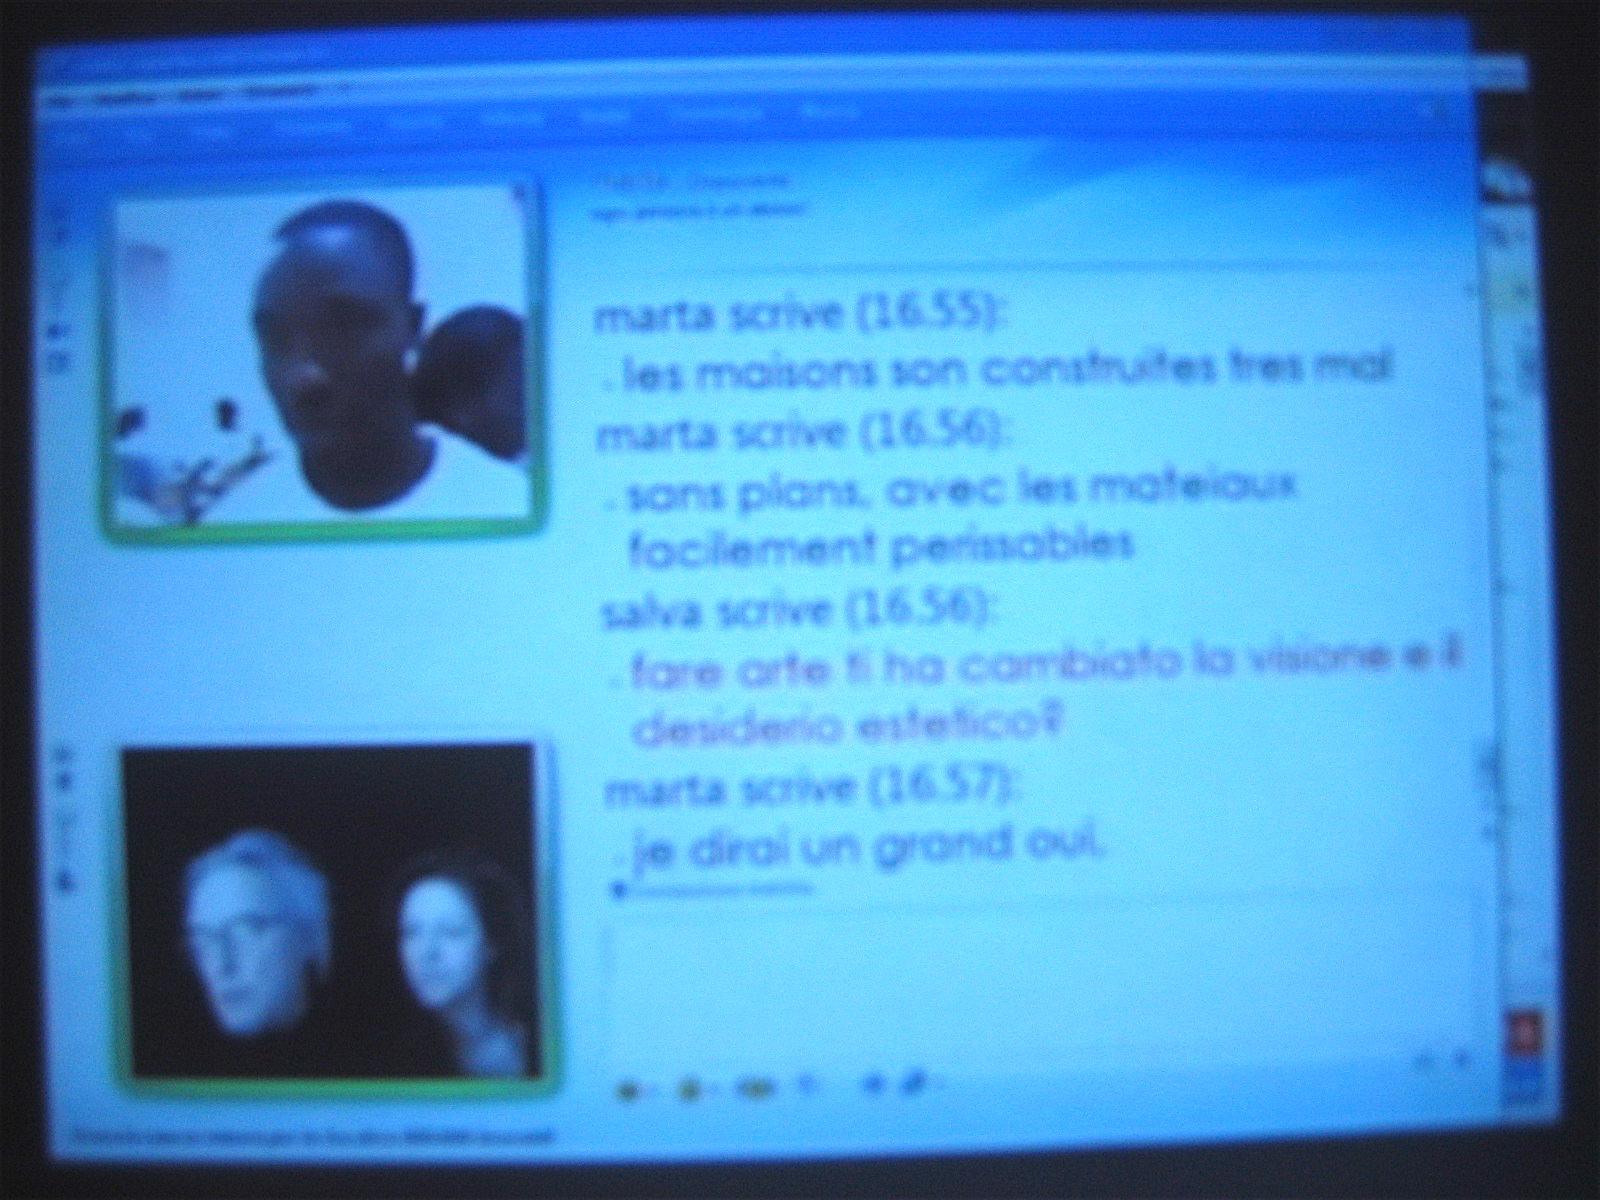 Salvatore Falci, 2005 - 2012, Arte e Luogo in Camerun, Ciao come va in Africa, on line, (con Marta Pucciarelli, Giovanni Mantovani, Piero Cavellini, Armida Gandini e studenti africani